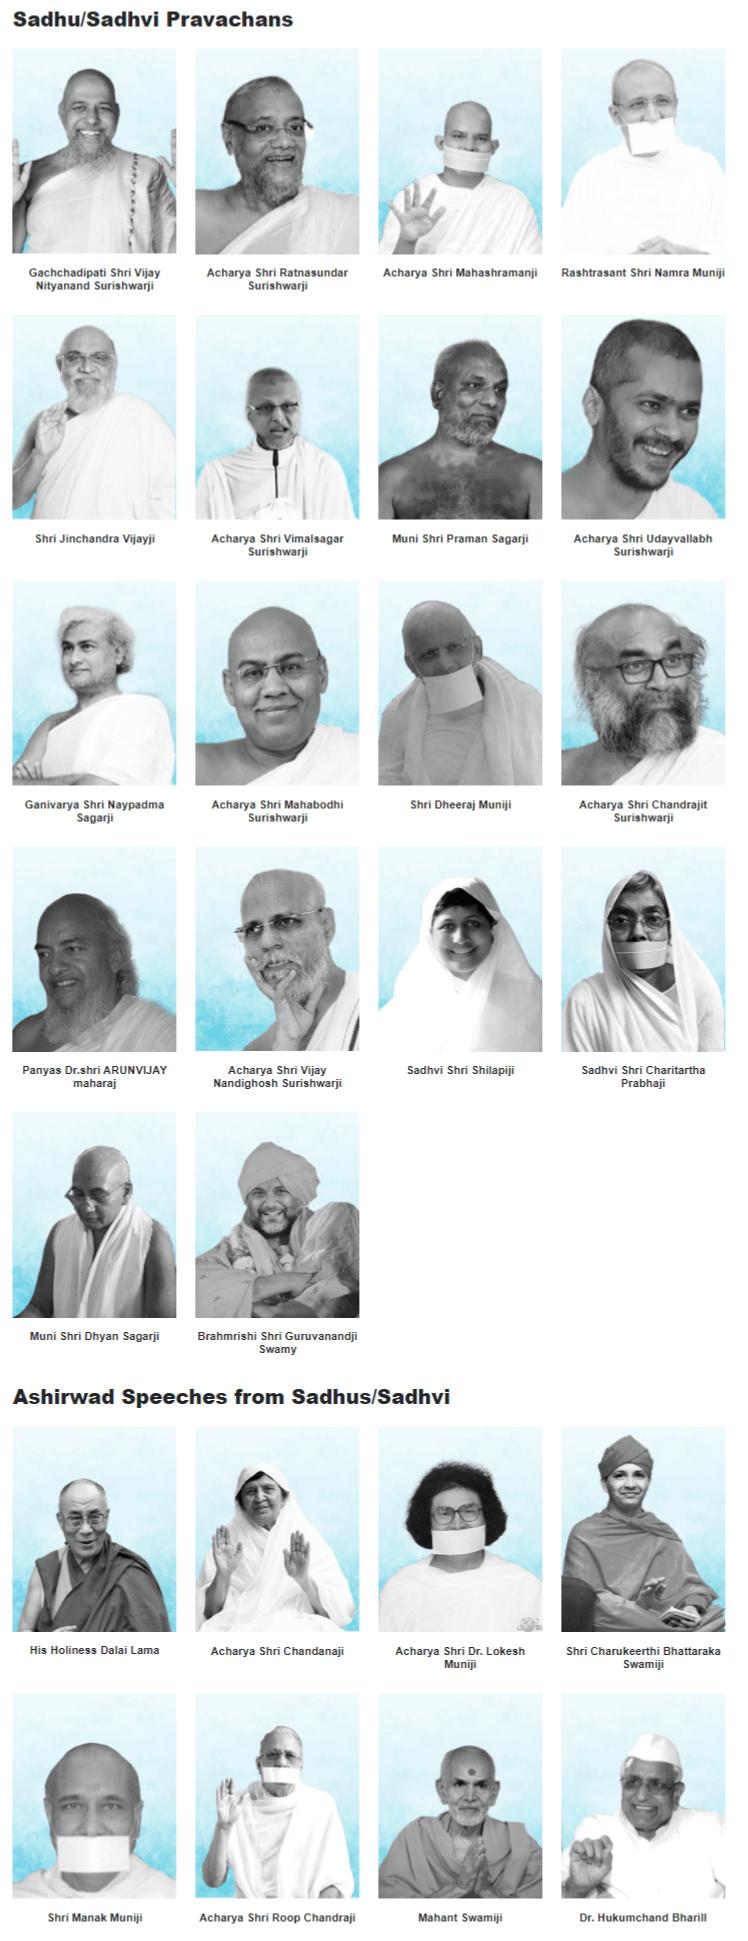 Sadhu/Sadhvi Pravachans